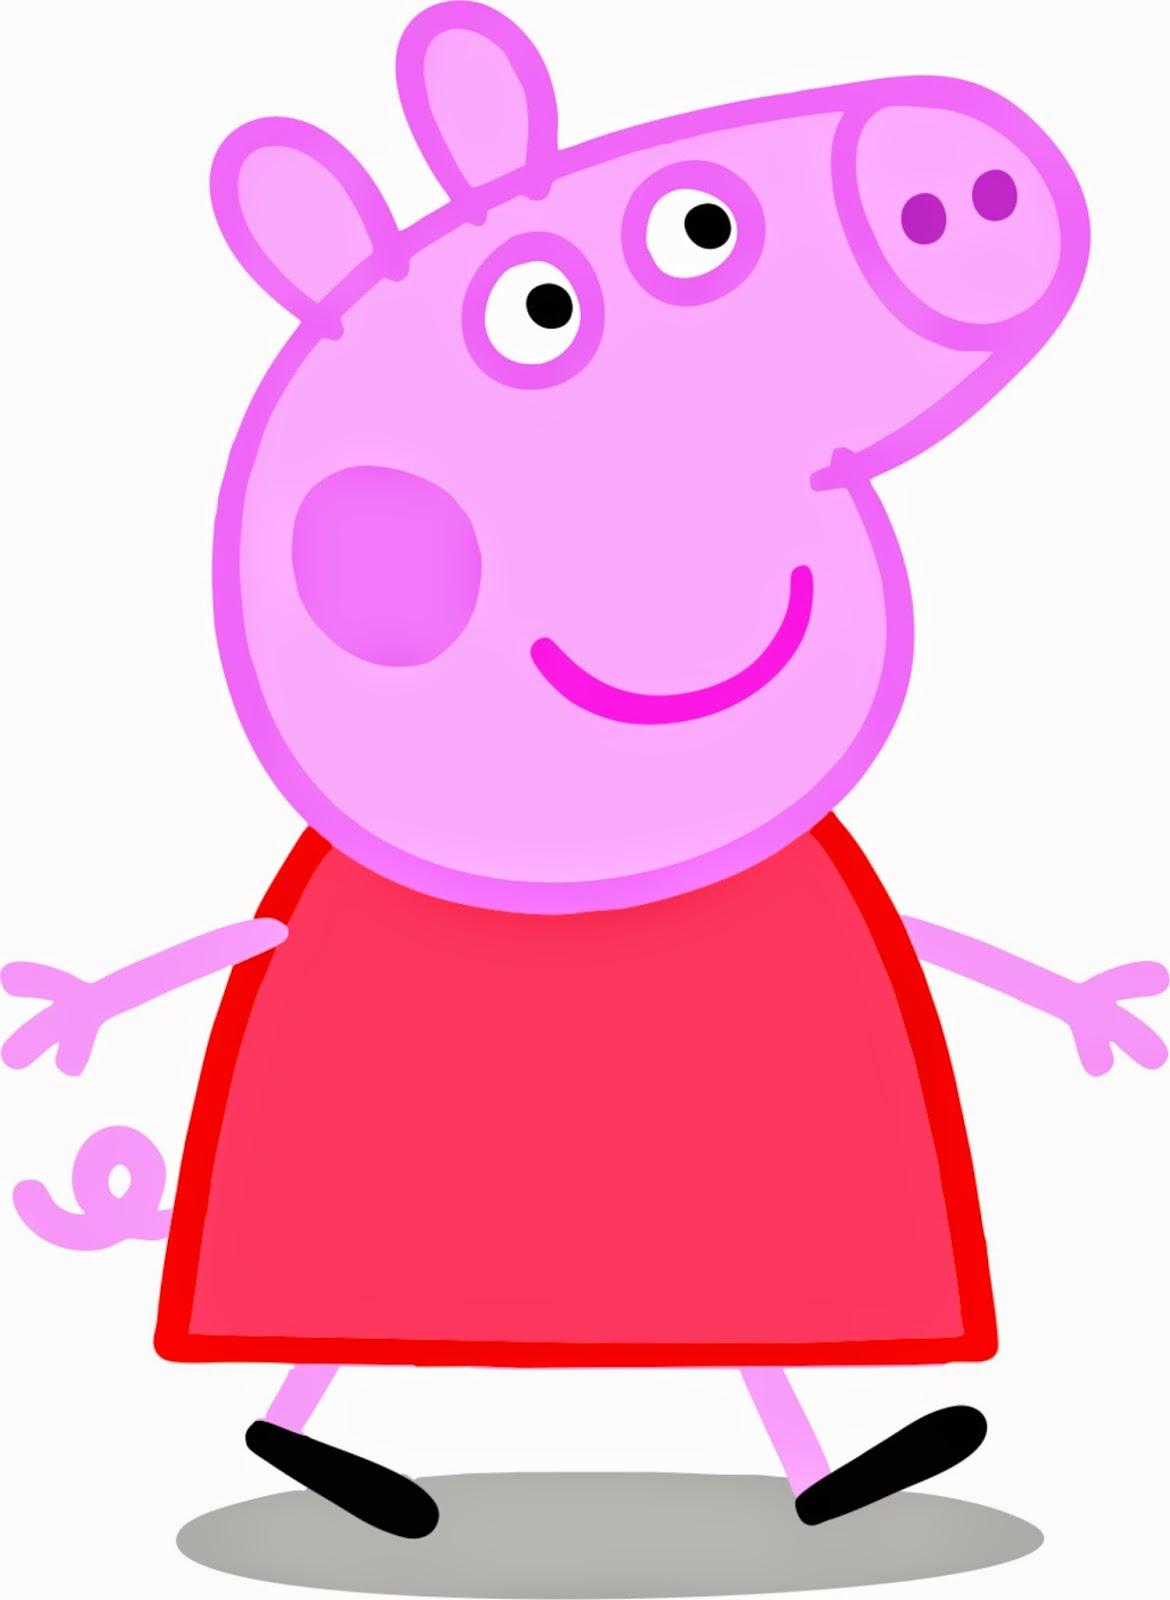 Catalogo de Imagens : Peppa Pig